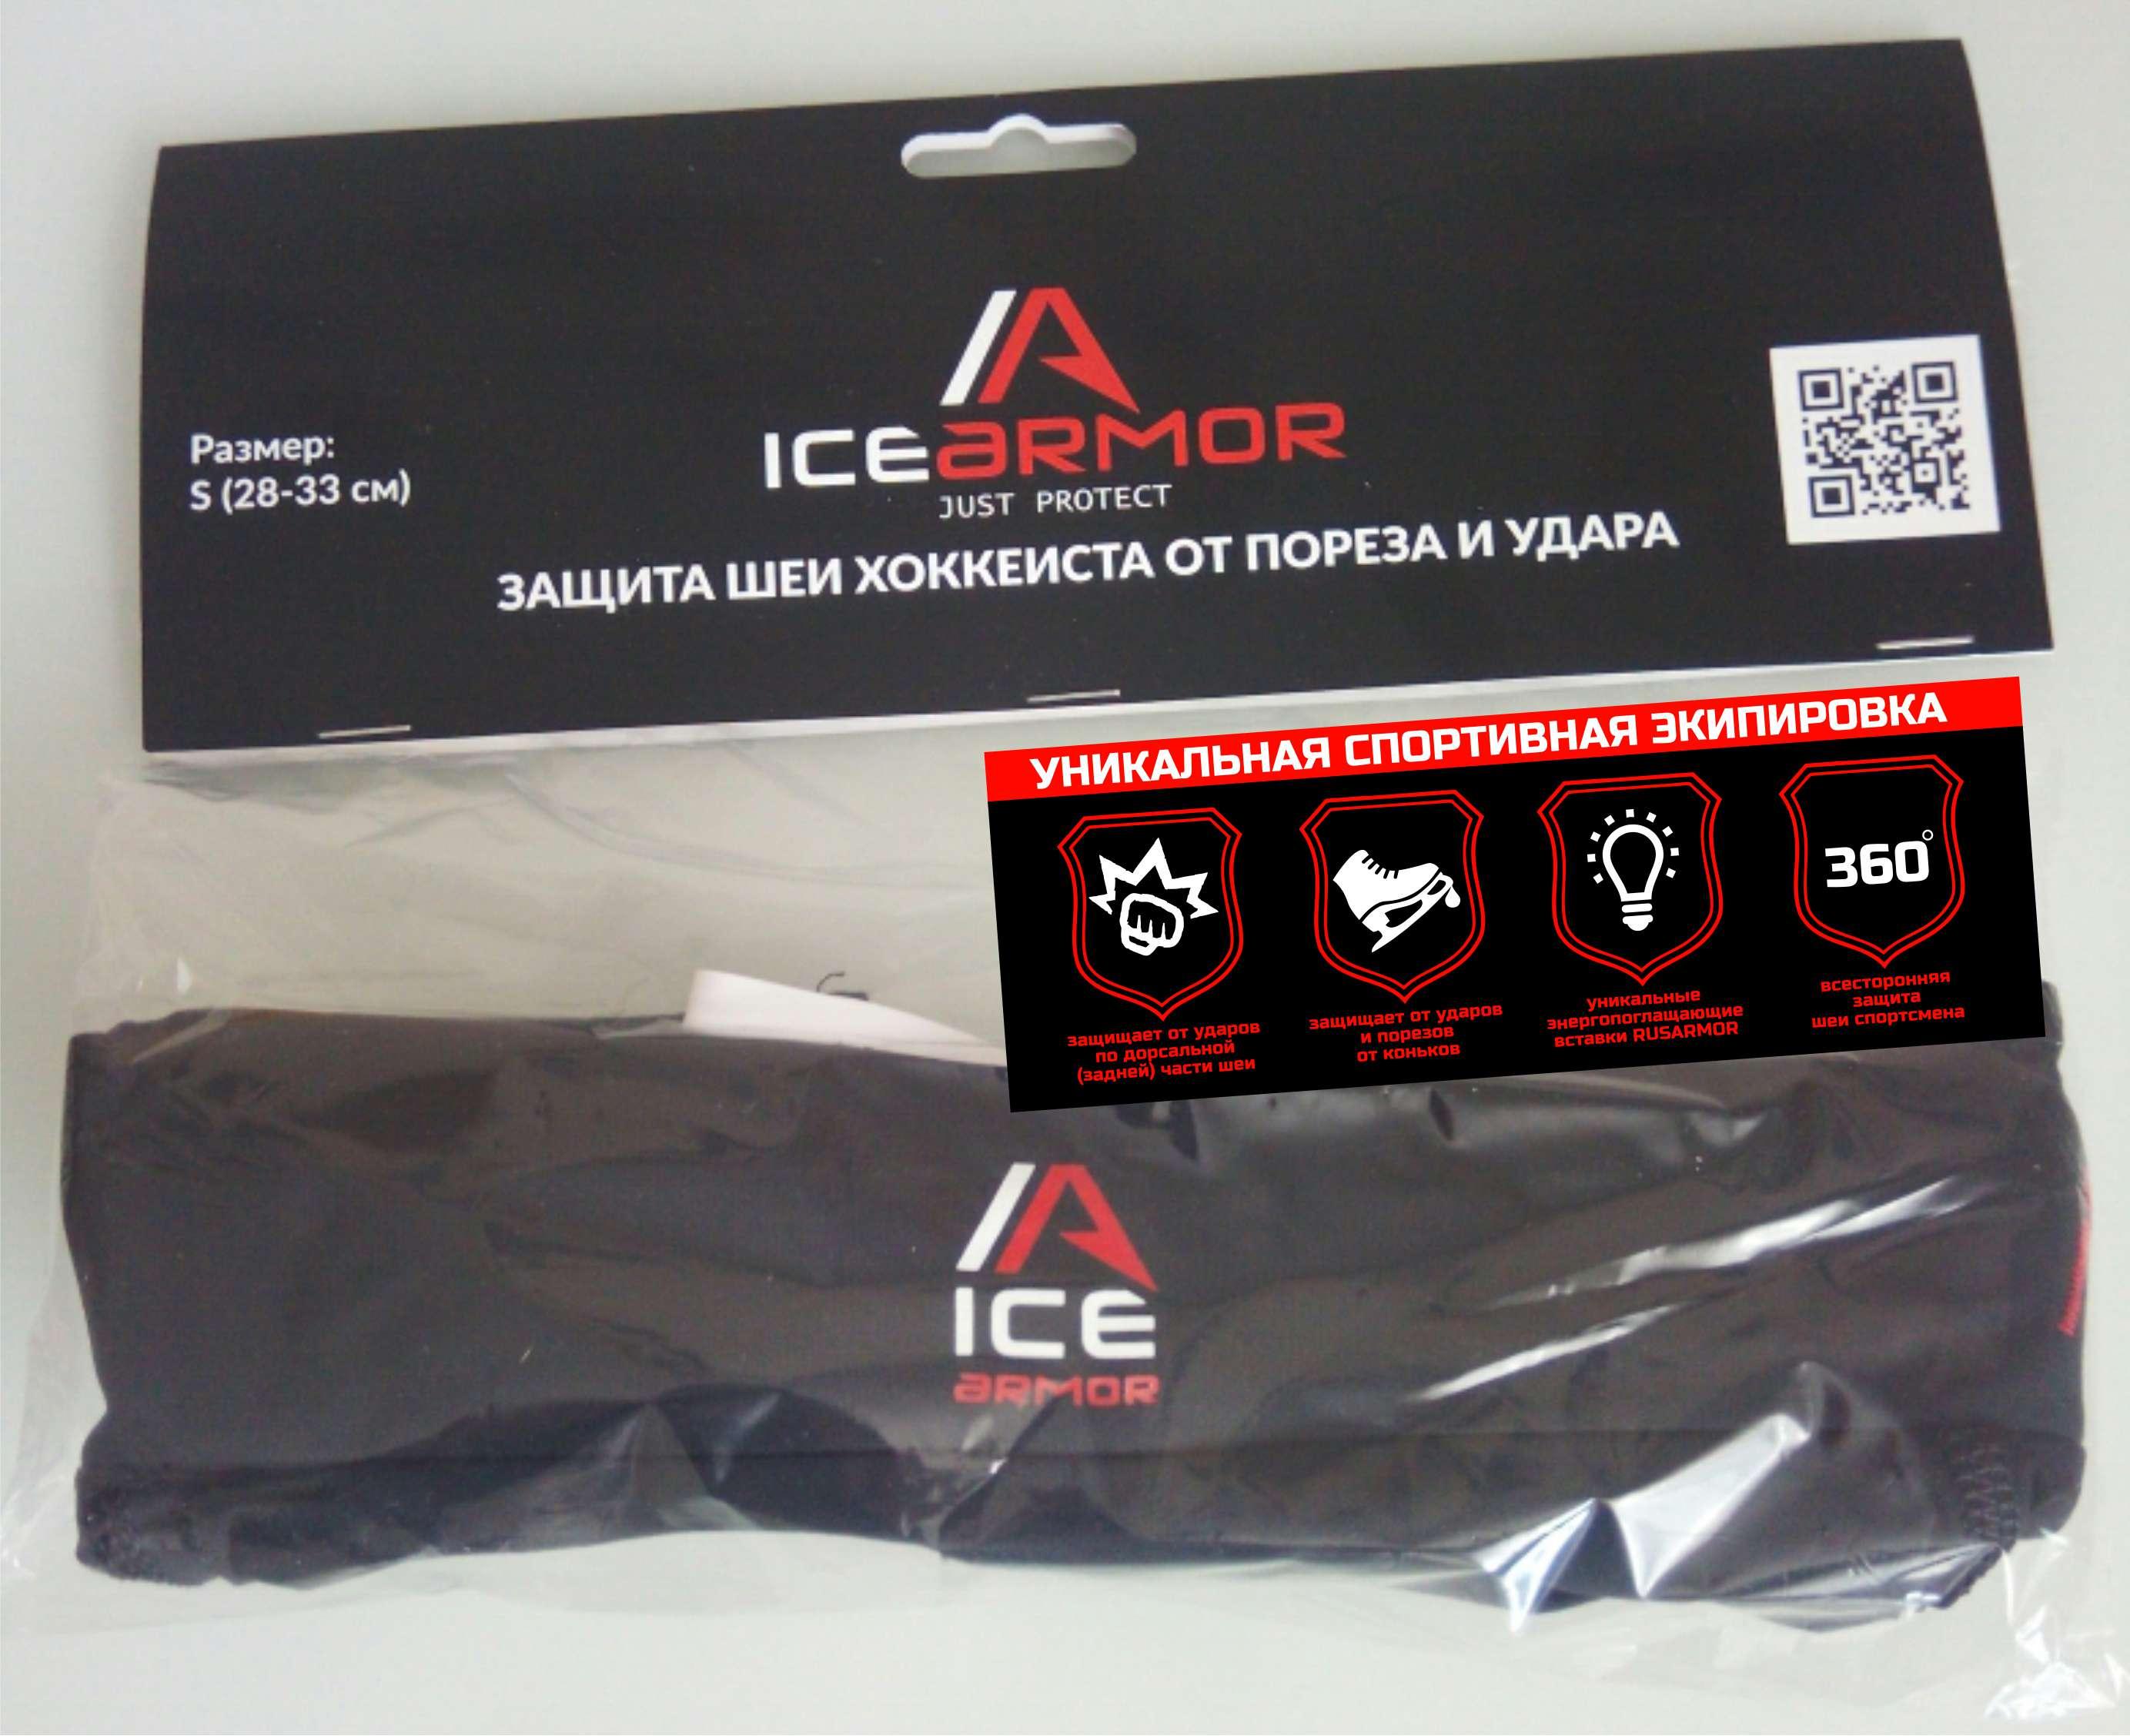 Дизайн продающей наклейки на упаковку уникального продукта фото f_9535b2018d662c22.jpg